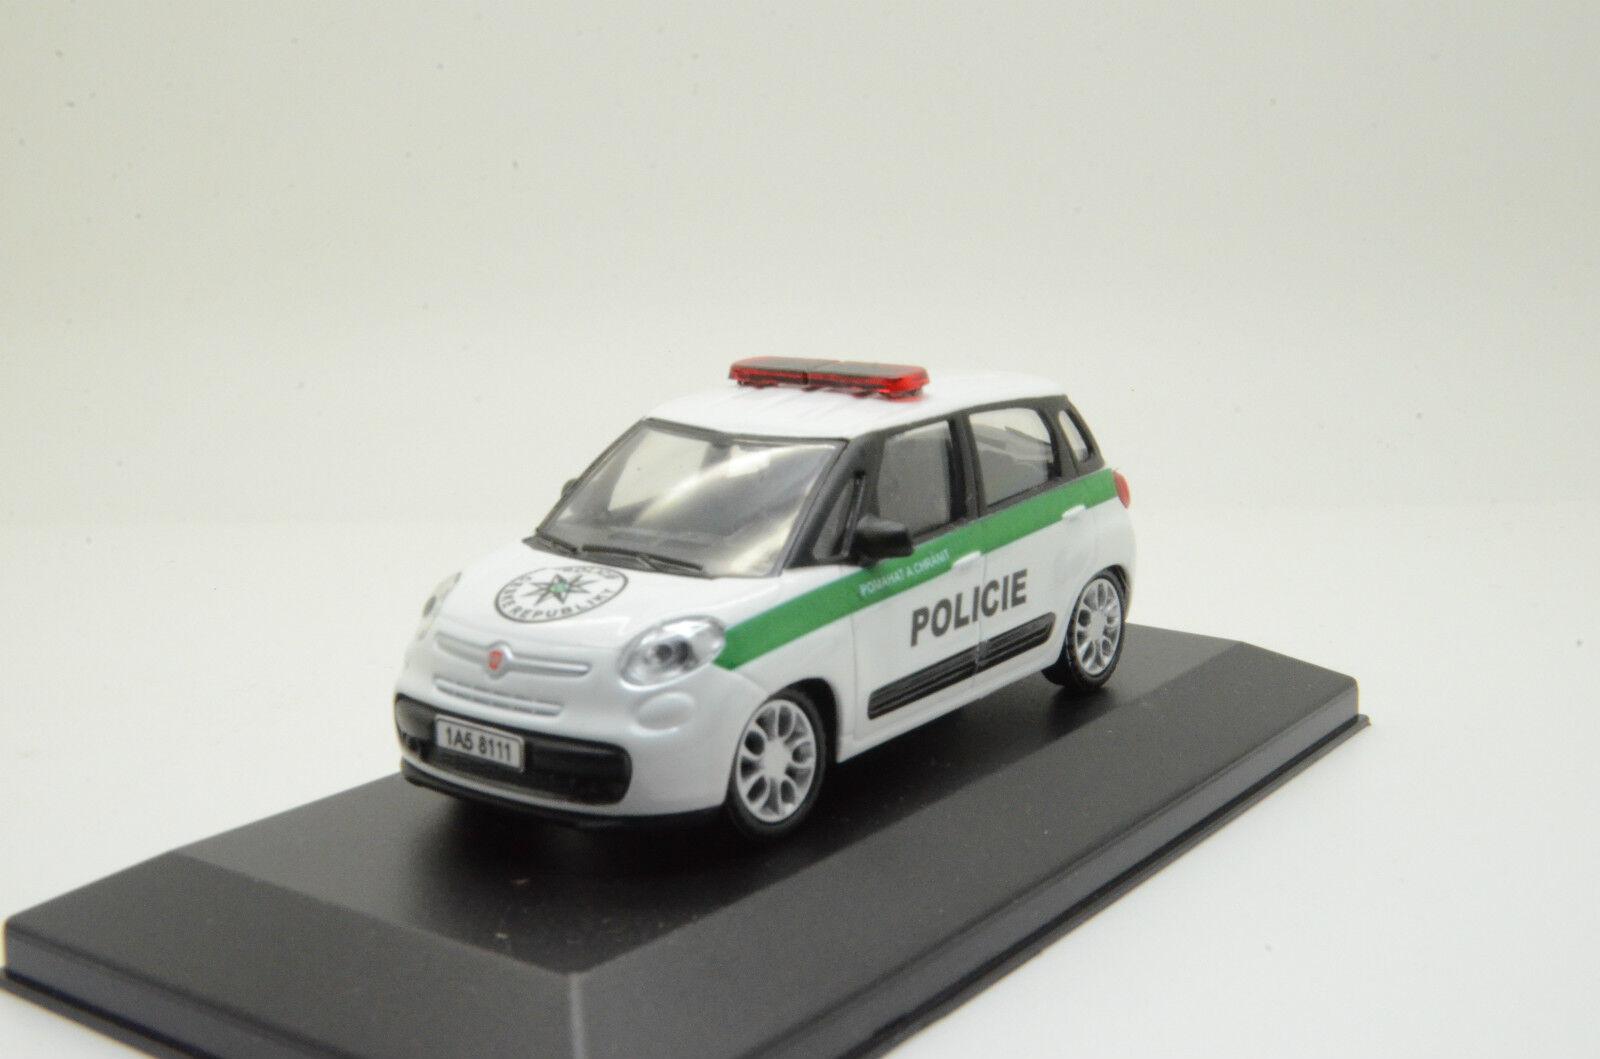 bienvenido a orden    rara    Fiat 500 500 500 checos República POLICIE policía Hecho a Medida 1 43  despacho de tienda